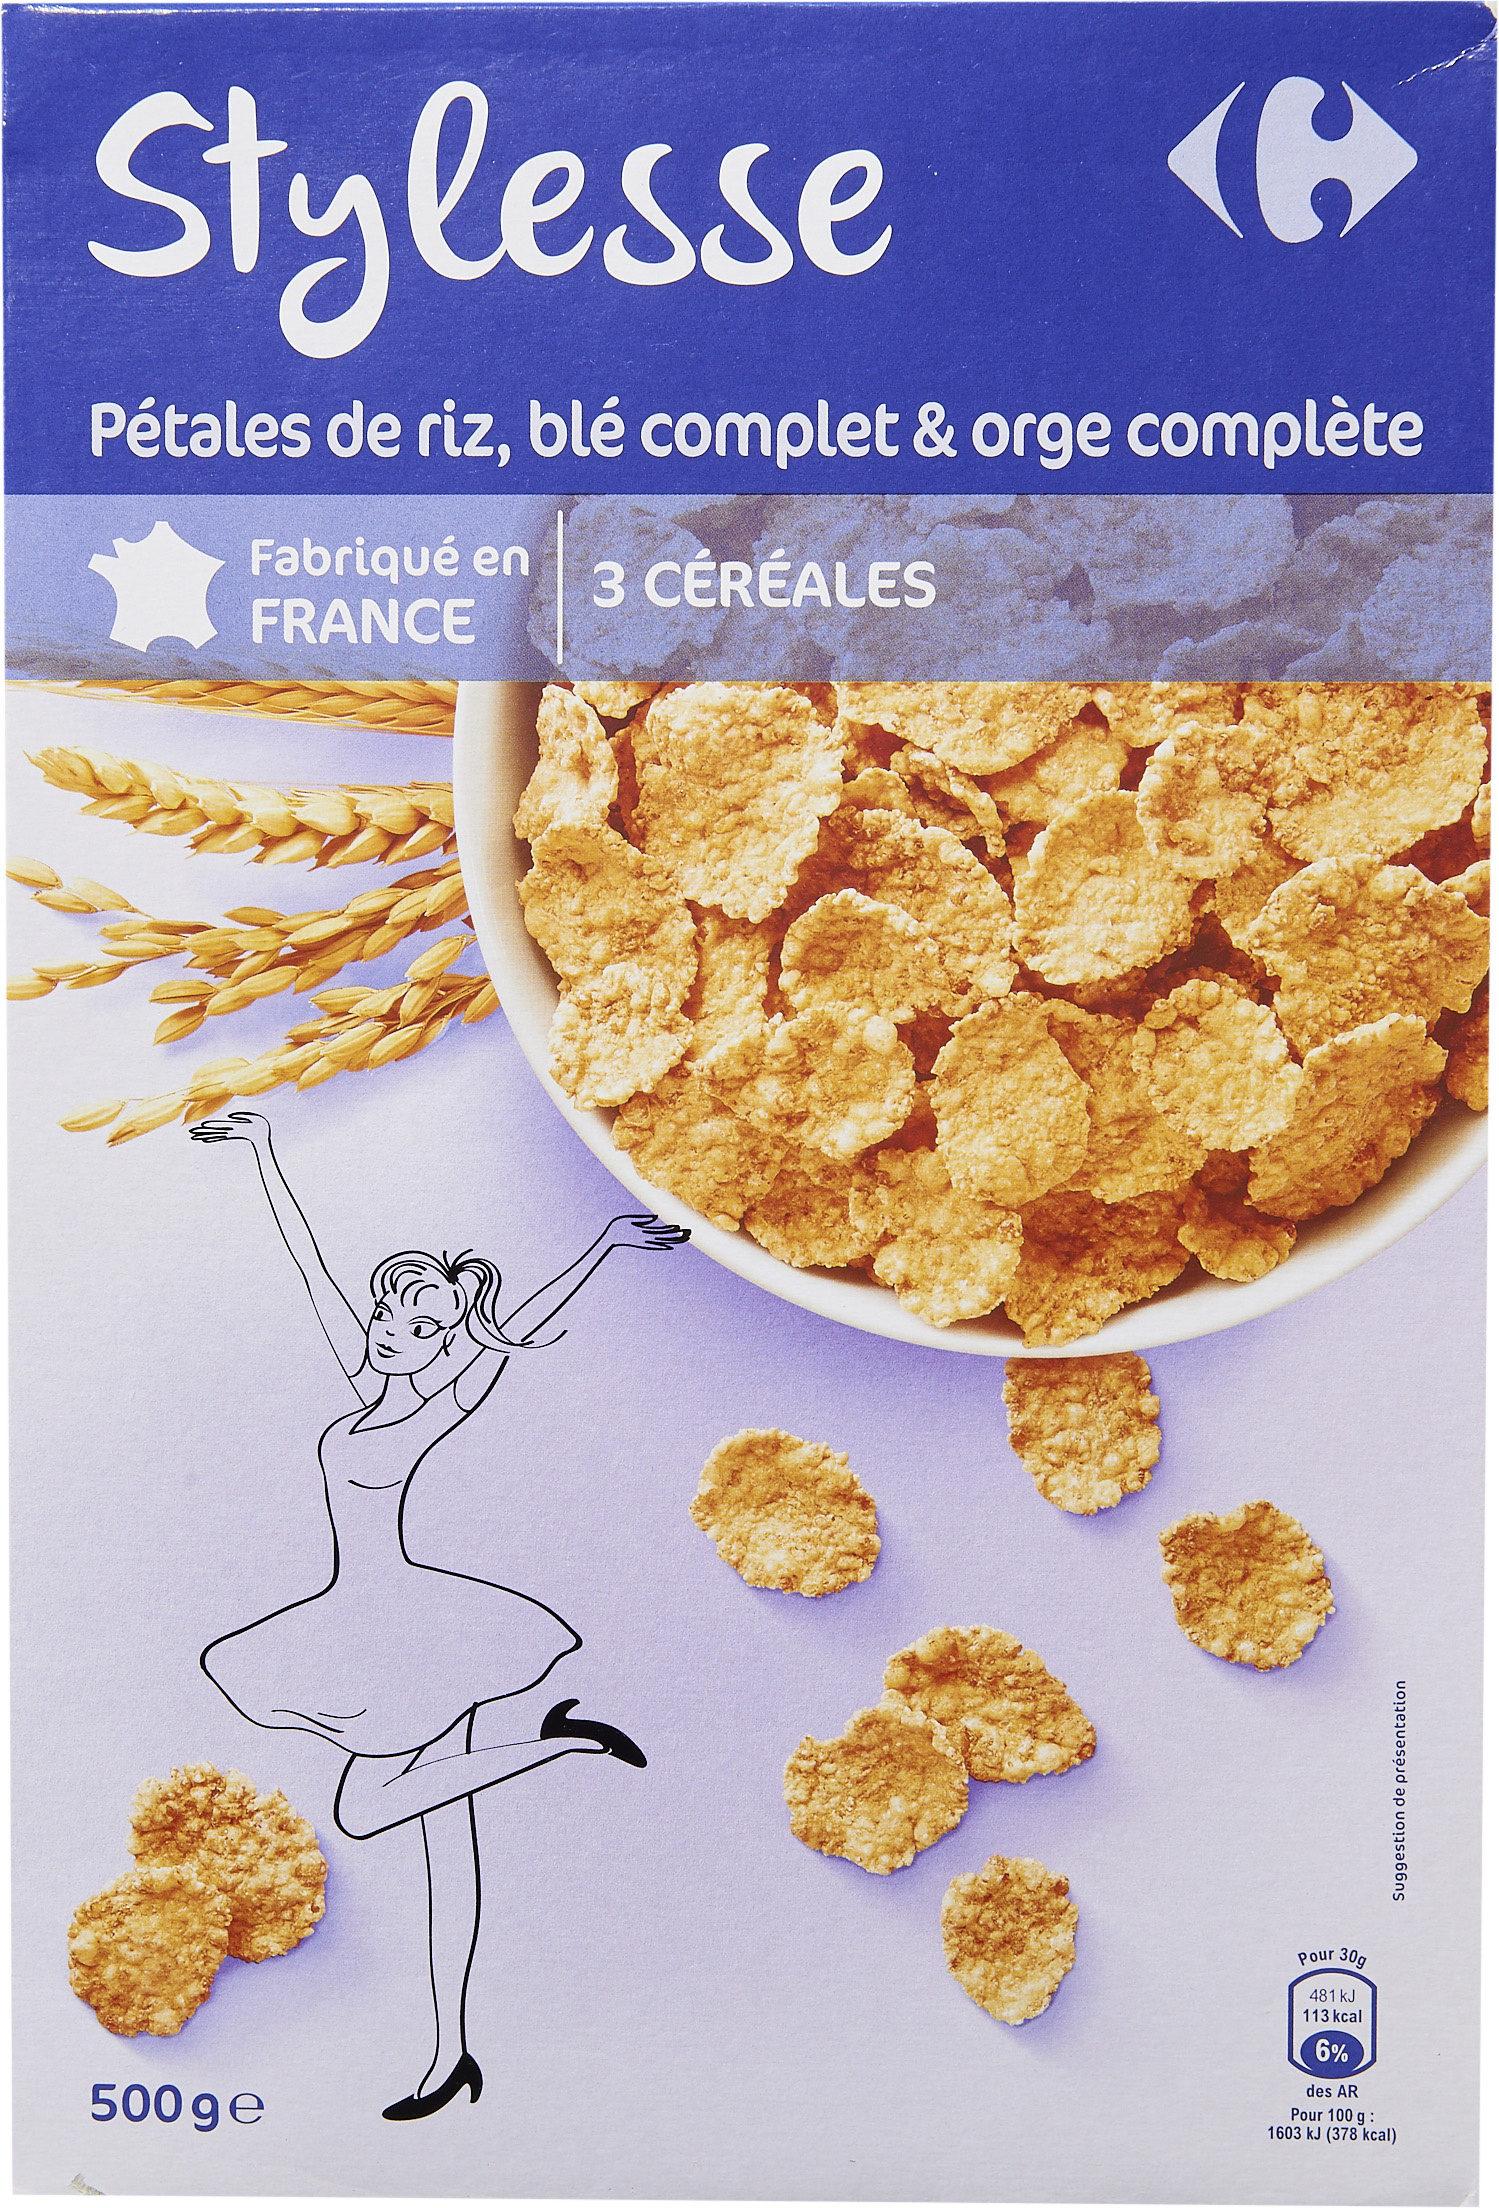 Stylesse pétales de riz, blé complet et orge complète - Producto - es